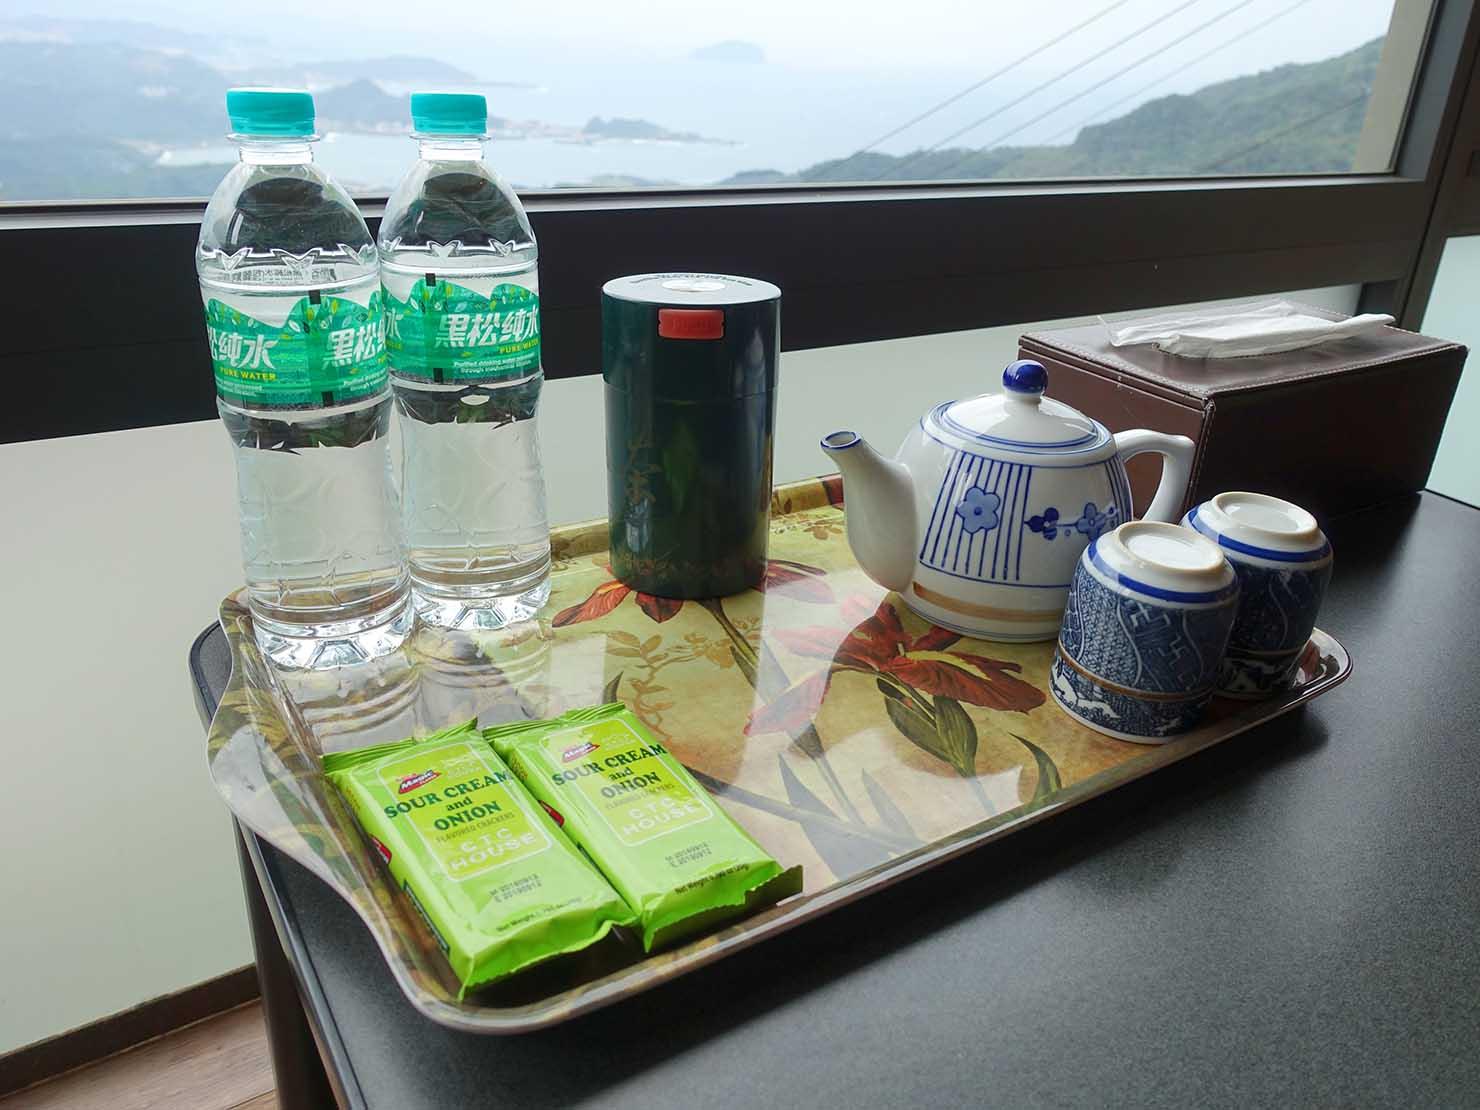 台北・九份のおすすめゲストハウス「九份小町」海景套房(オーシャンビュー・ダブルルーム)に準備されたお茶類